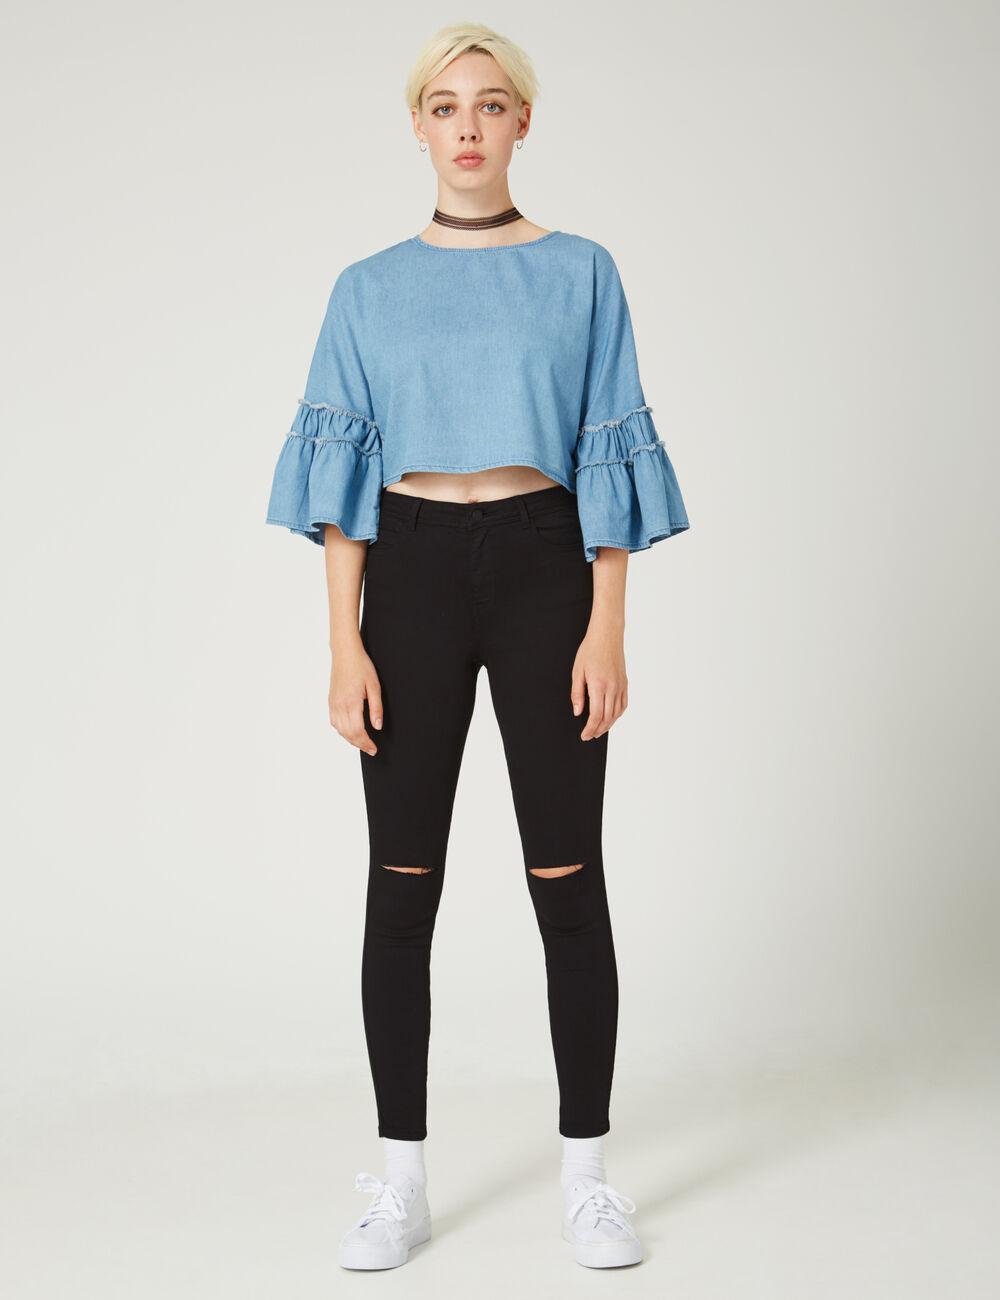 Souvent Pantalon taille haute à cut noir femme • Jennyfer FM74